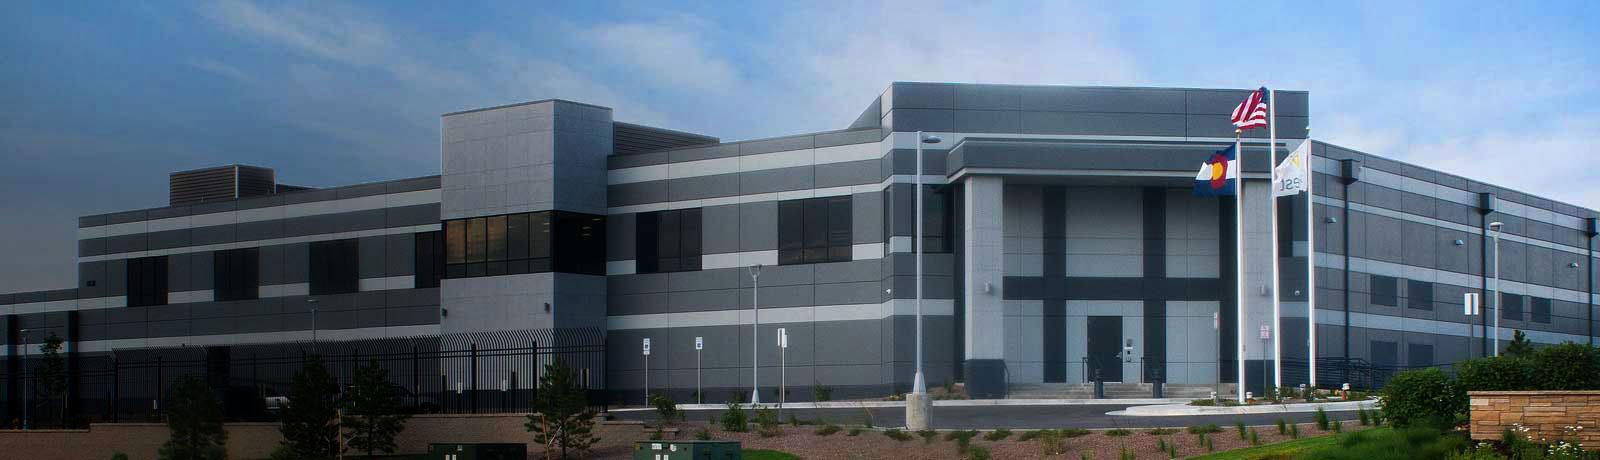 Data Center – Denver, Colorado